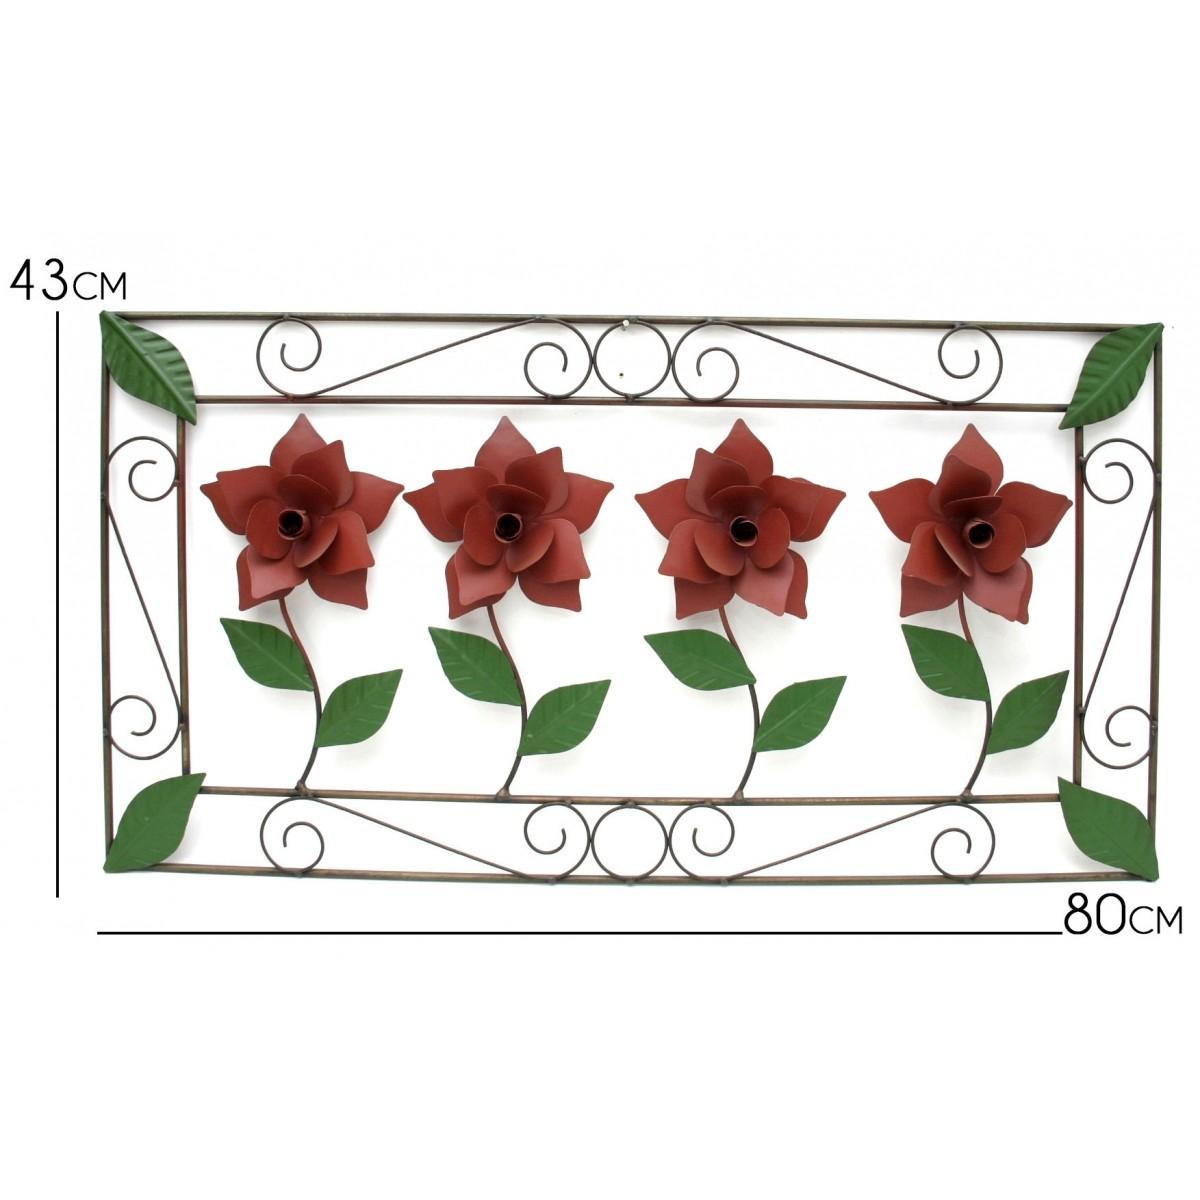 Quadro de Parede Colonial com Flores em Ferro para Sala de Estar